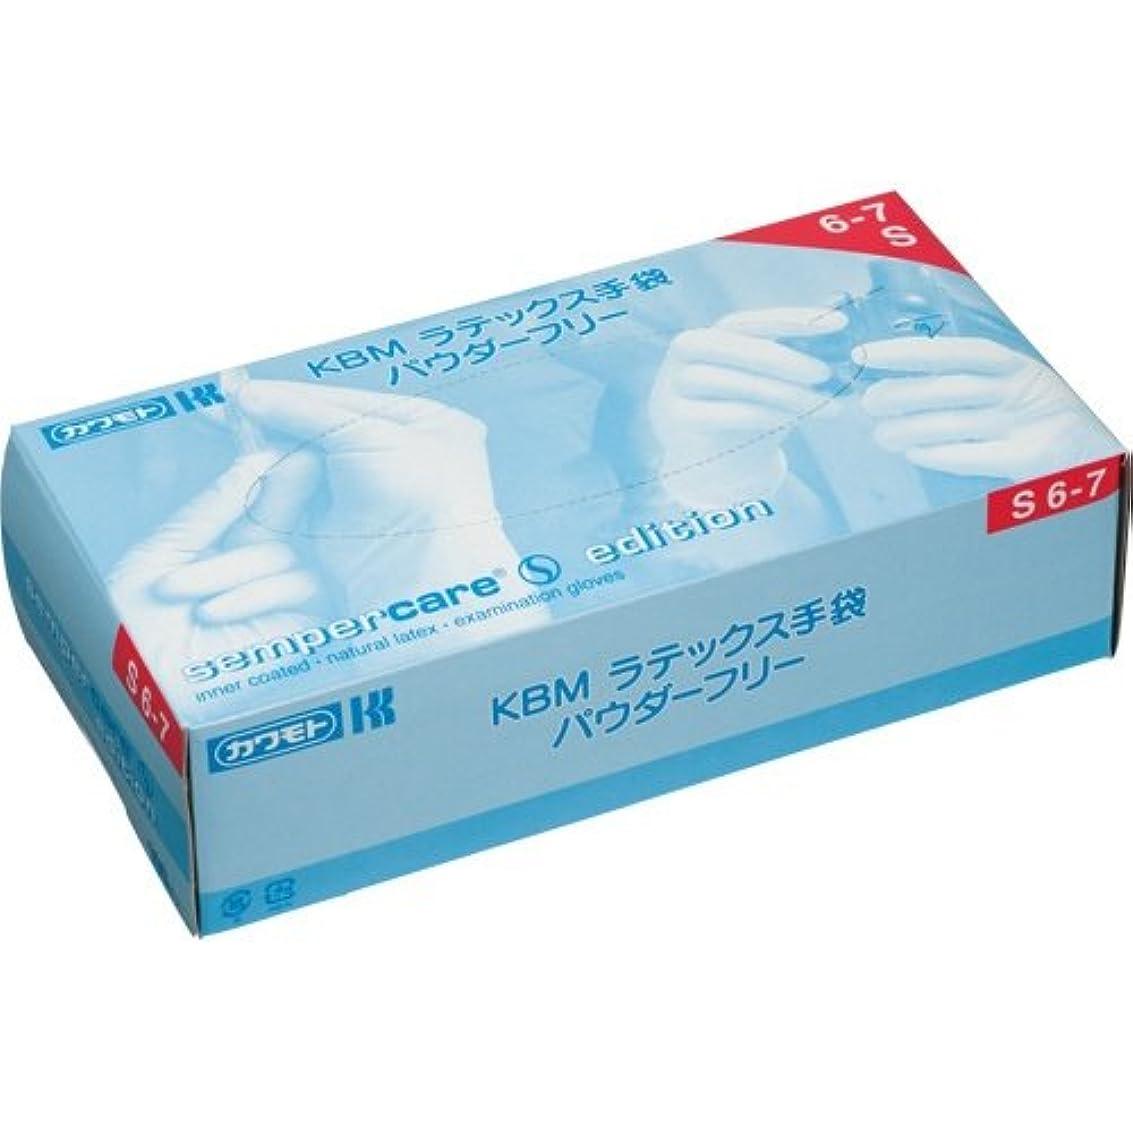 反映するジェームズダイソン体操選手カワモト KBM ラテックス手袋 パウダーフリー S 1セット(300枚:100枚×3箱)